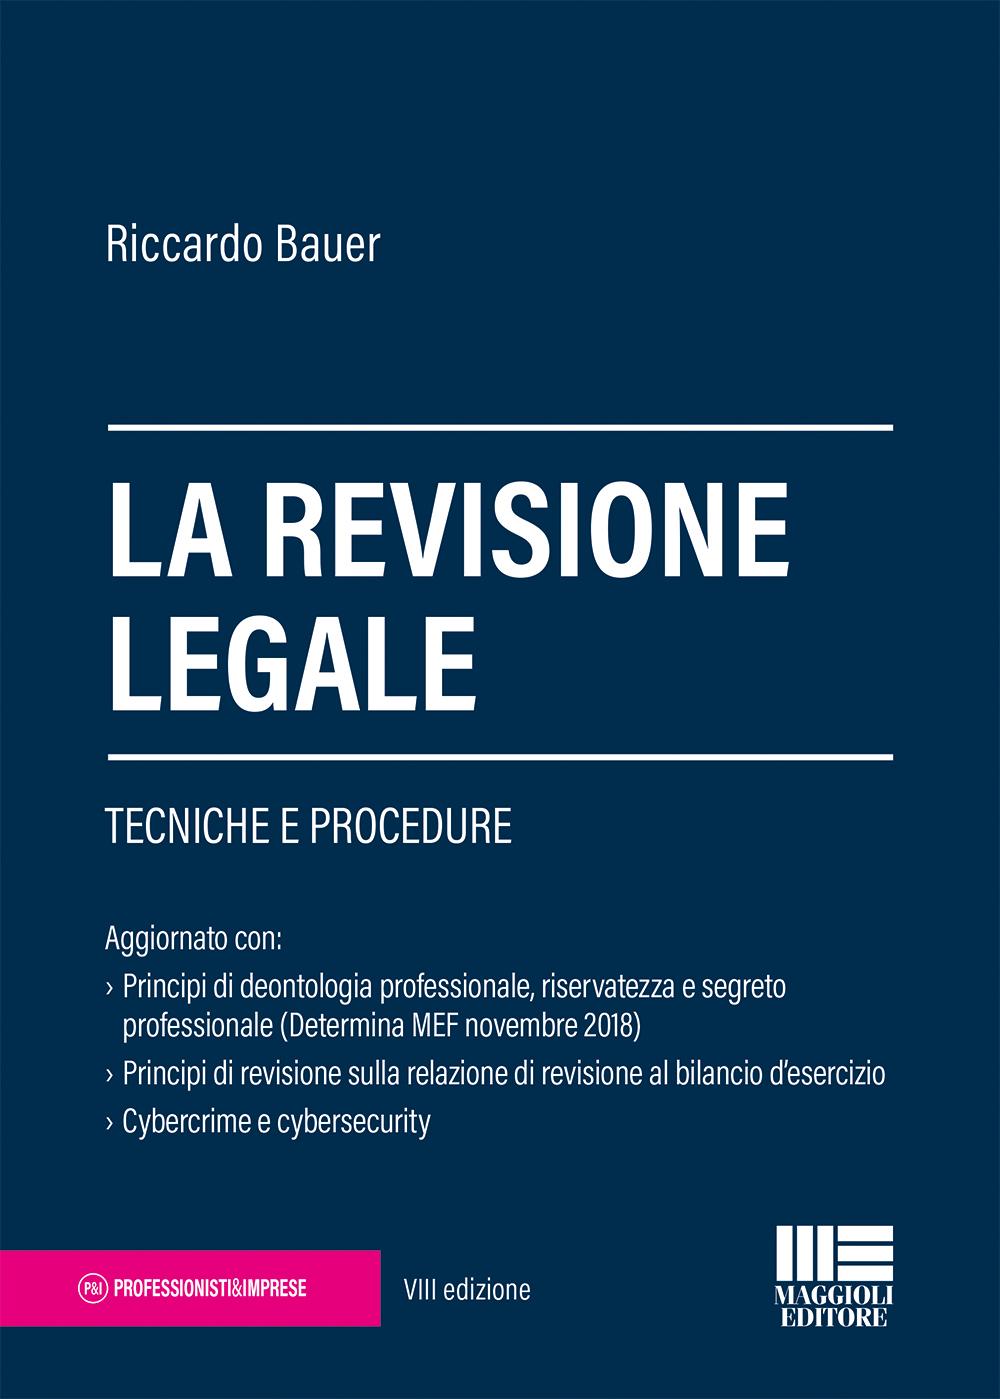 La revisione legale - Libro Carta